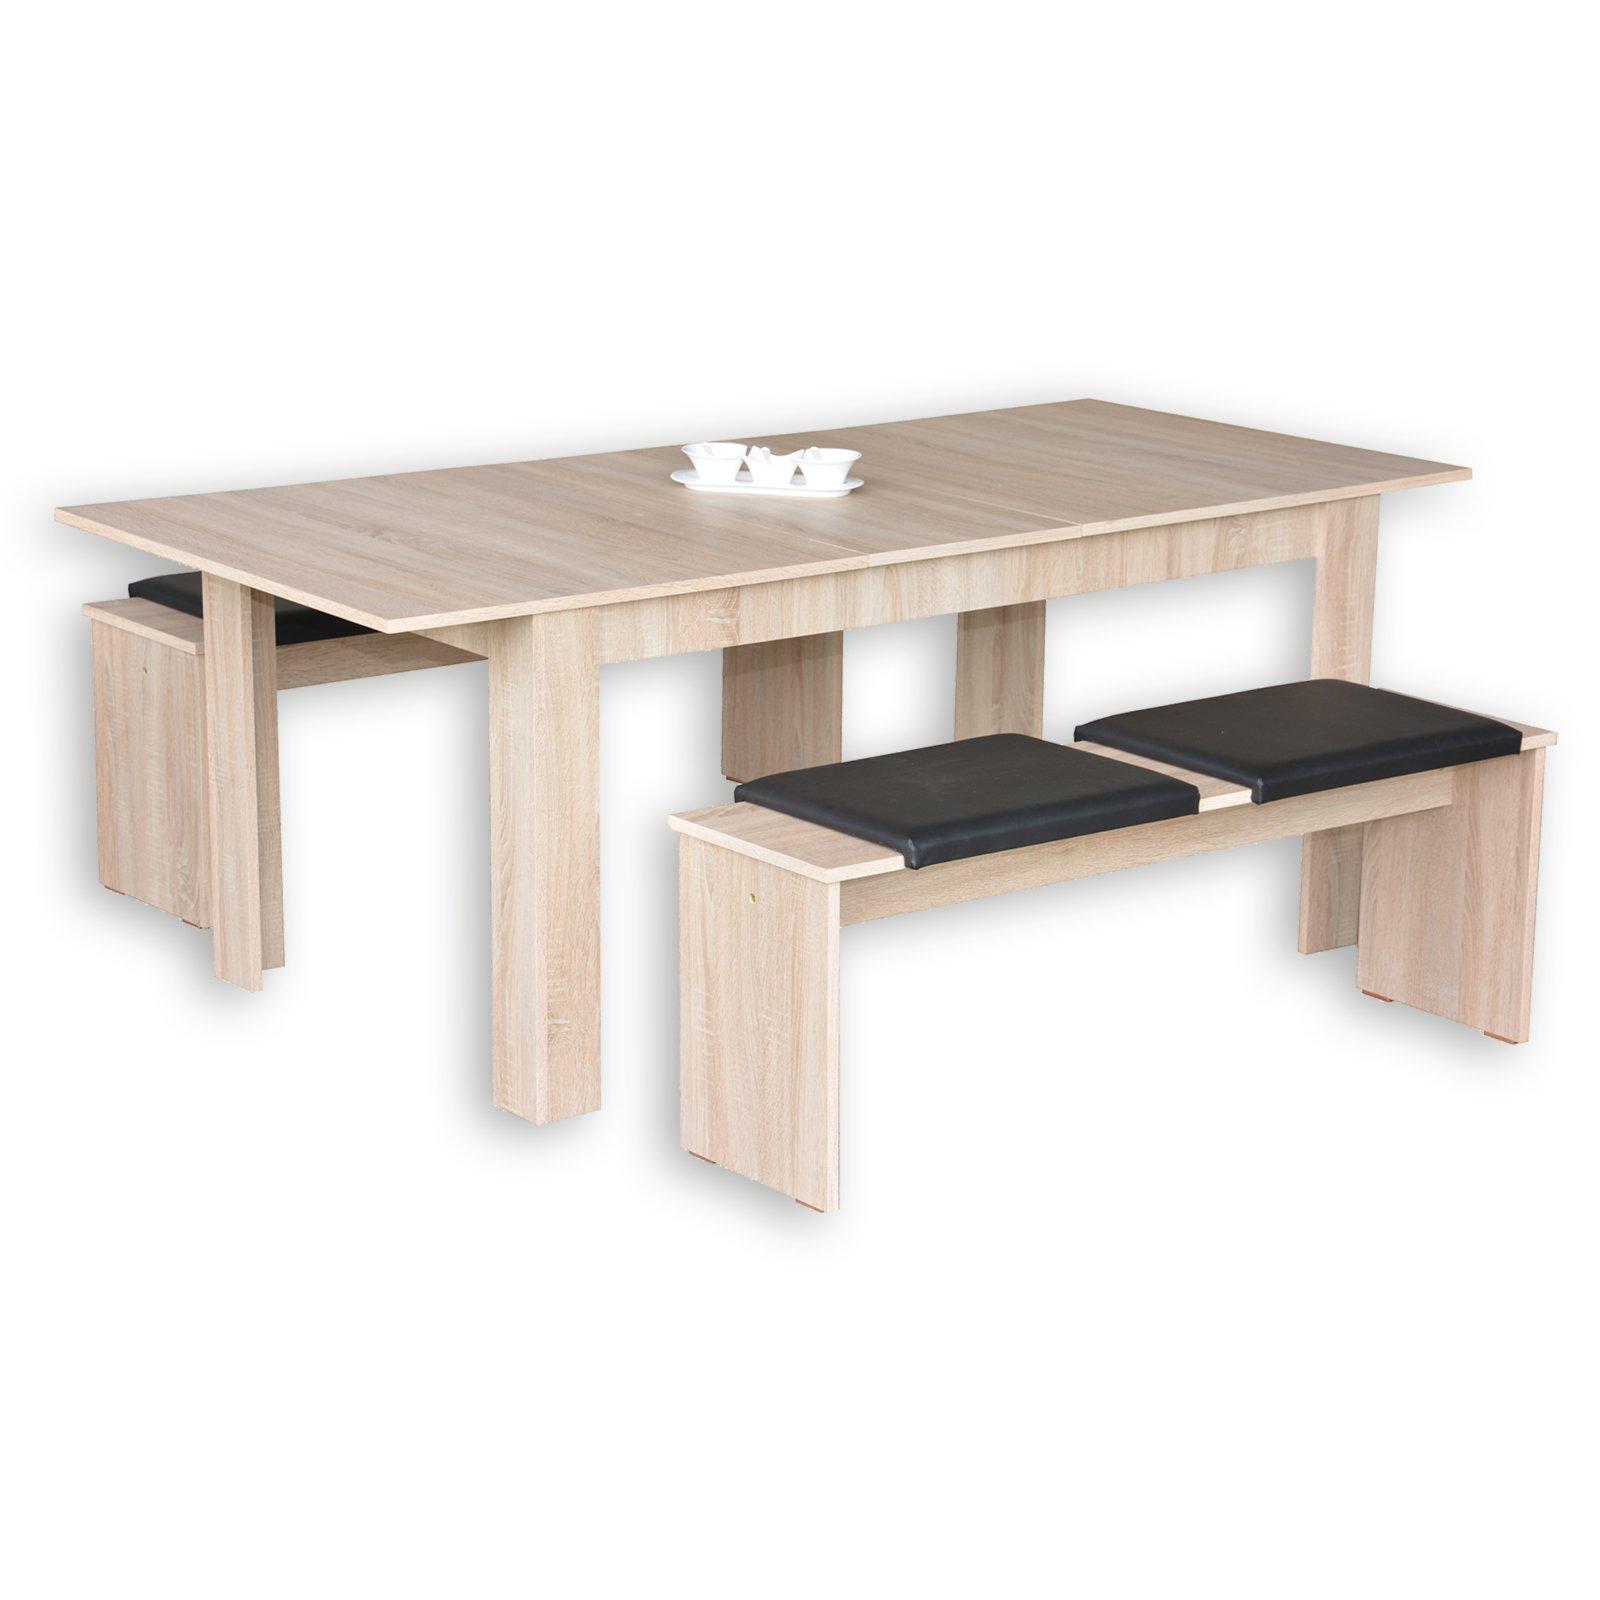 Tischgruppe JAZZ - Sonoma Eiche - 3-teilig - Sitzbänke | Essgruppen ...